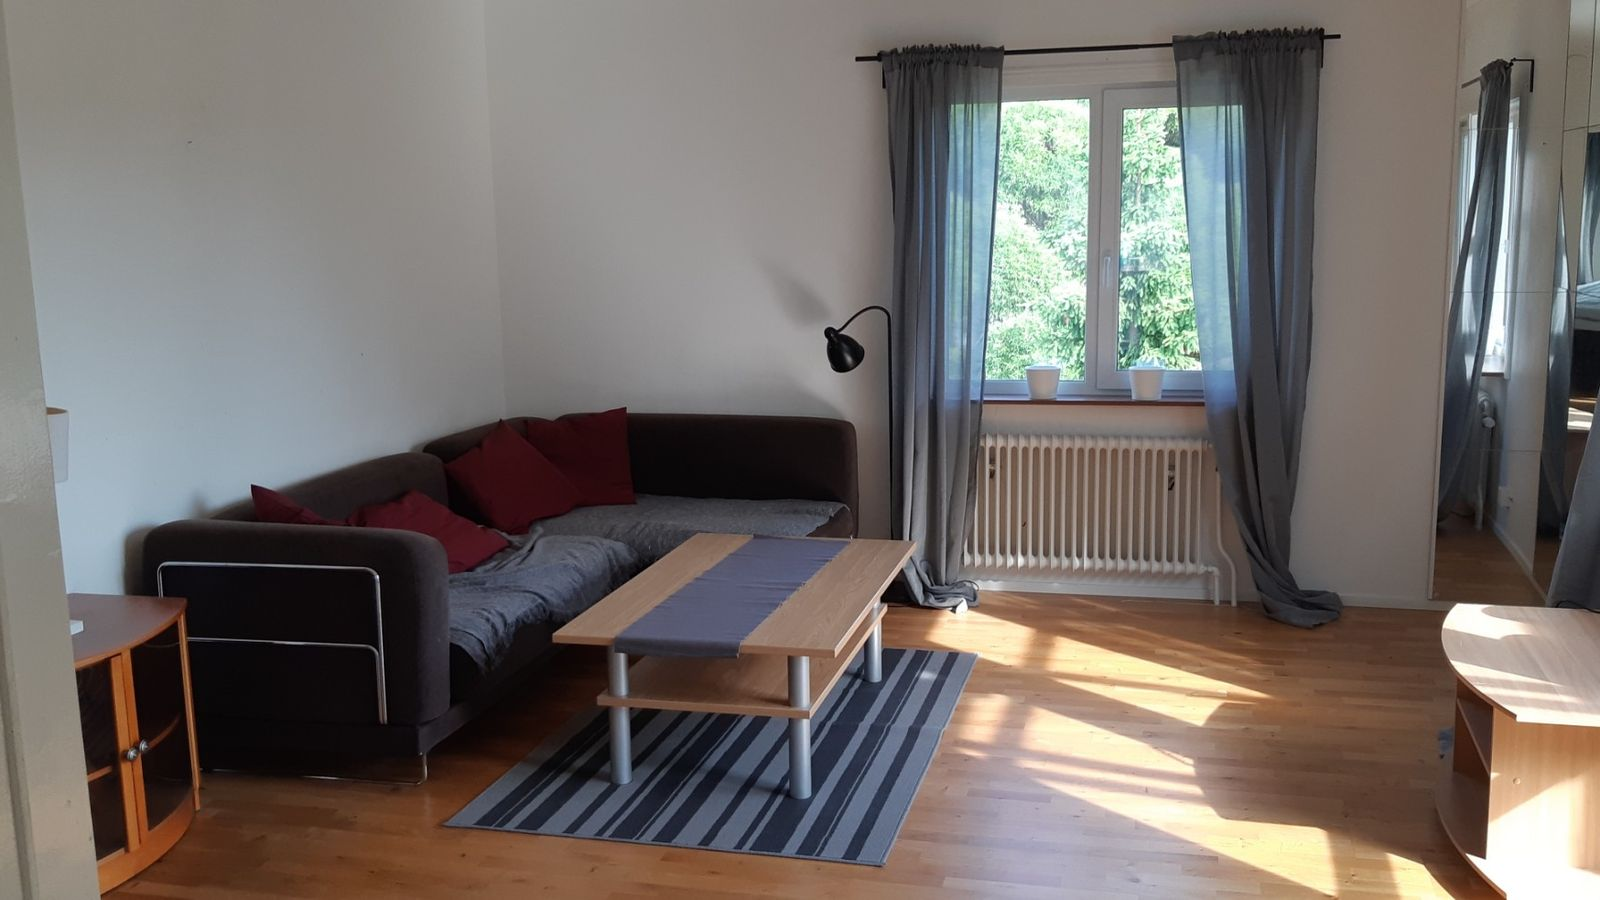 Ledig lägenhet i Timrå